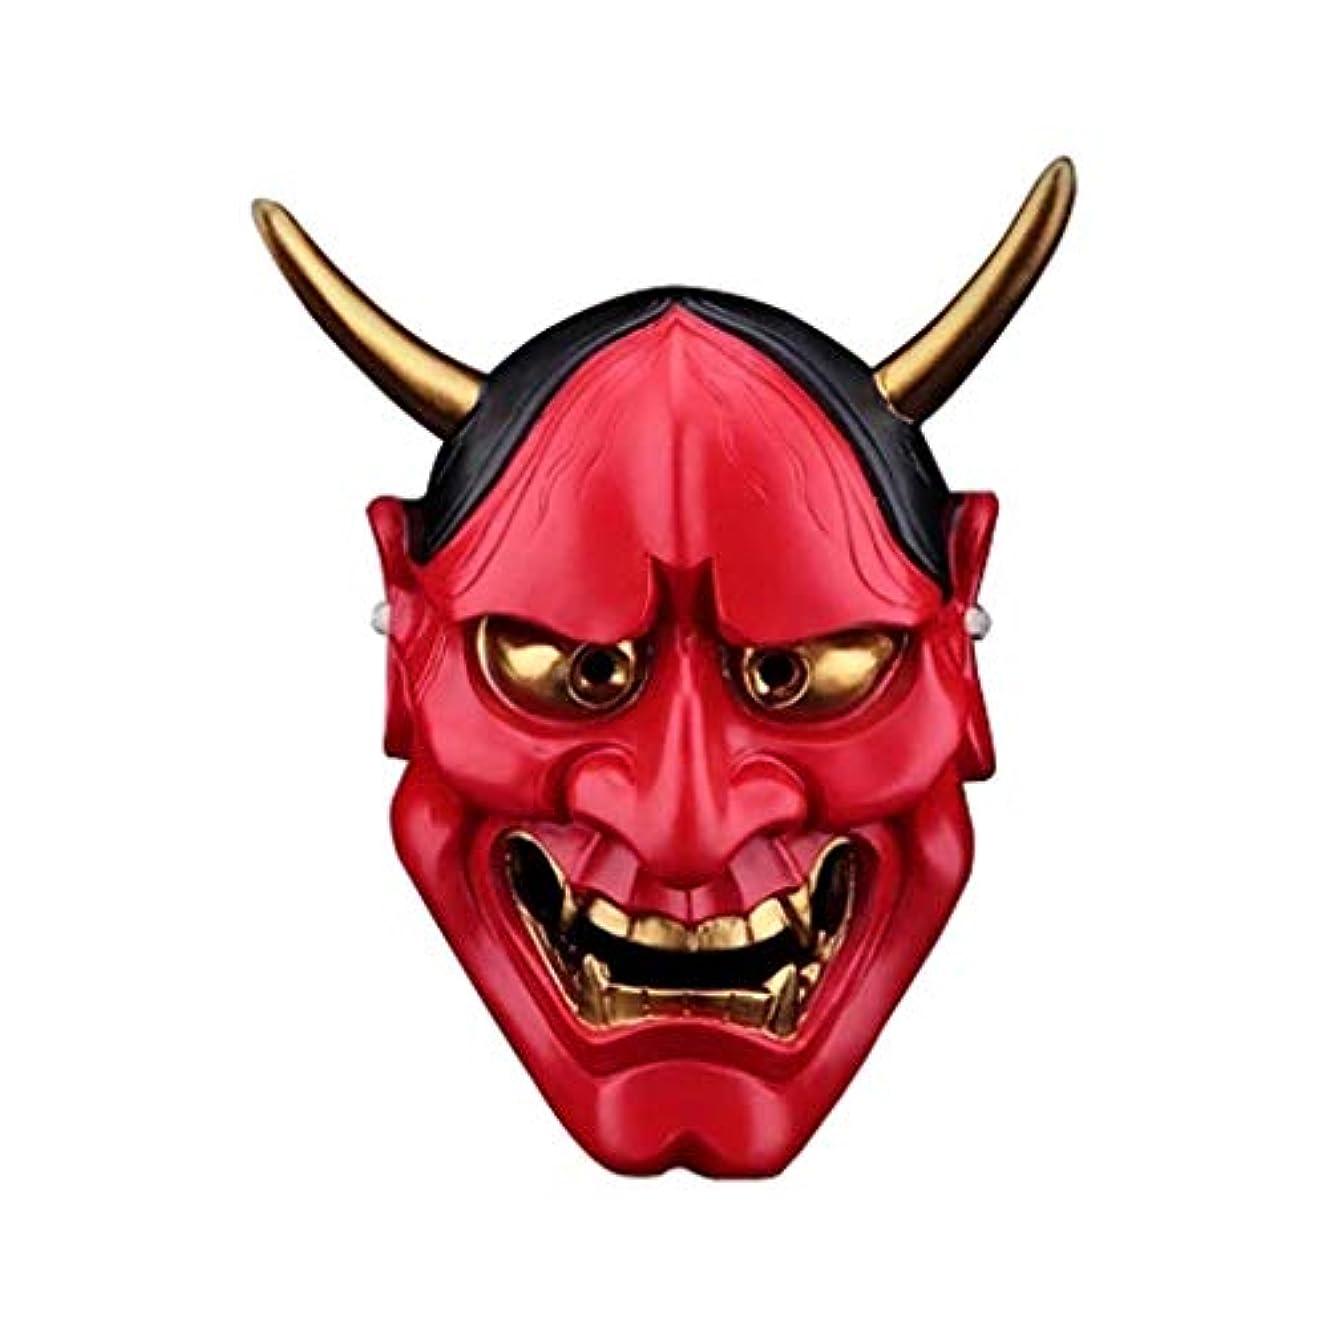 真実解明雇用ハロウィンホラーマスク、成人用樹脂マスクデコレーション (Color : RED)